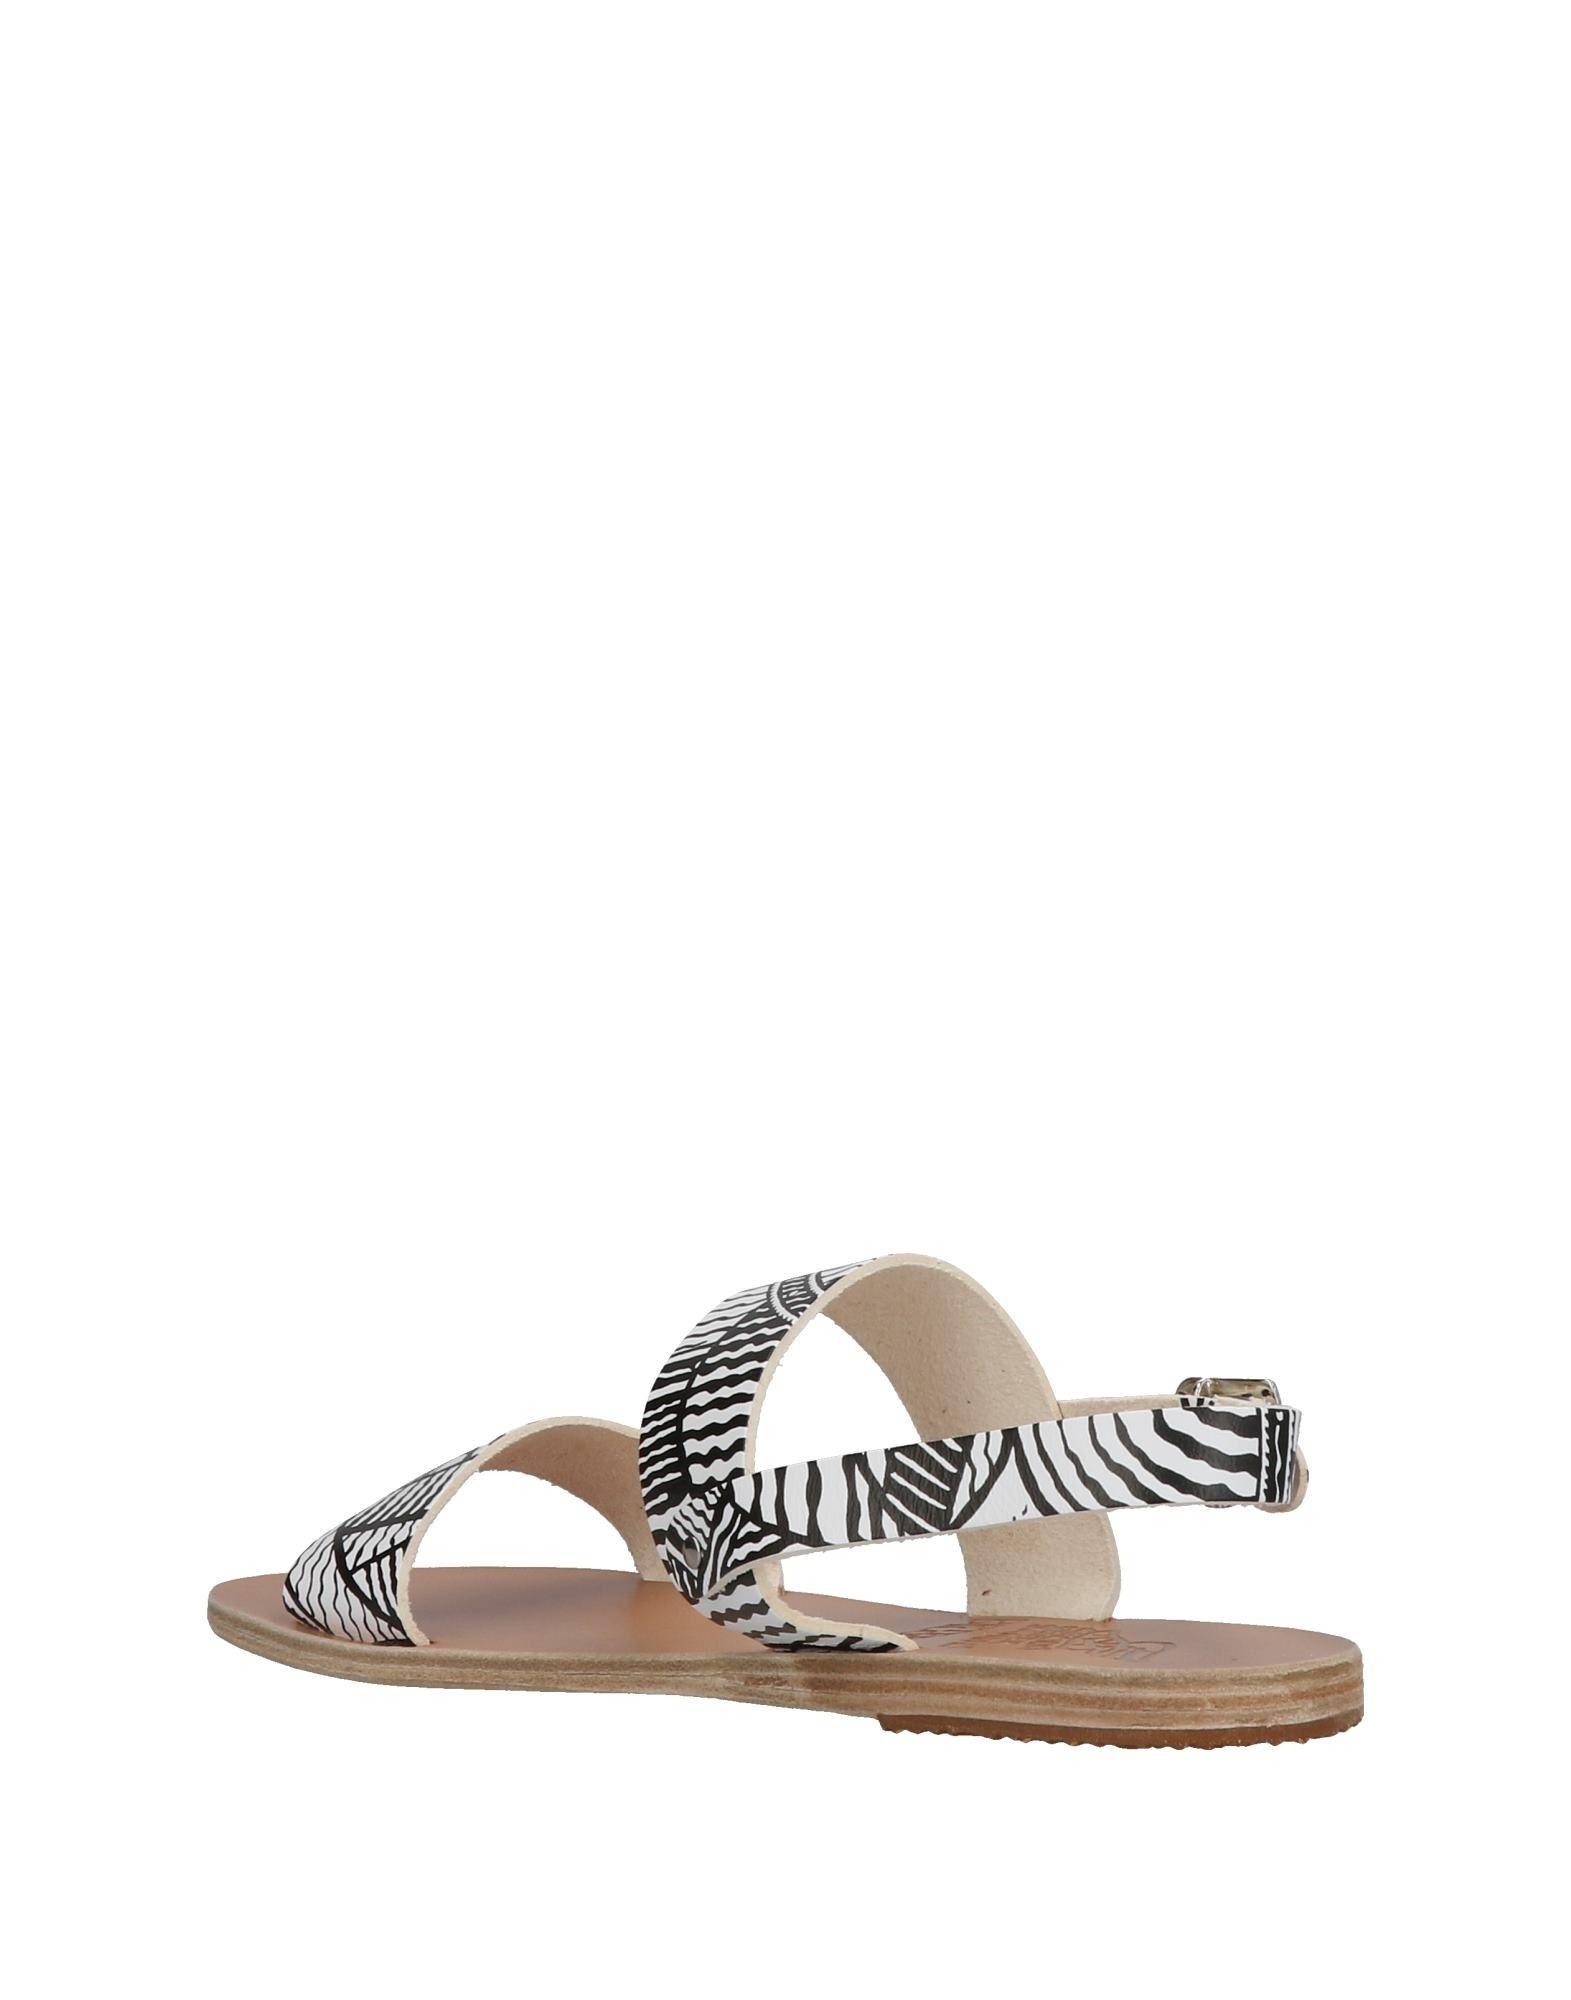 Sandales Ancient Greek Sandals X Peter Pilotto Femme - Sandales Ancient Greek Sandals X Peter Pilotto sur